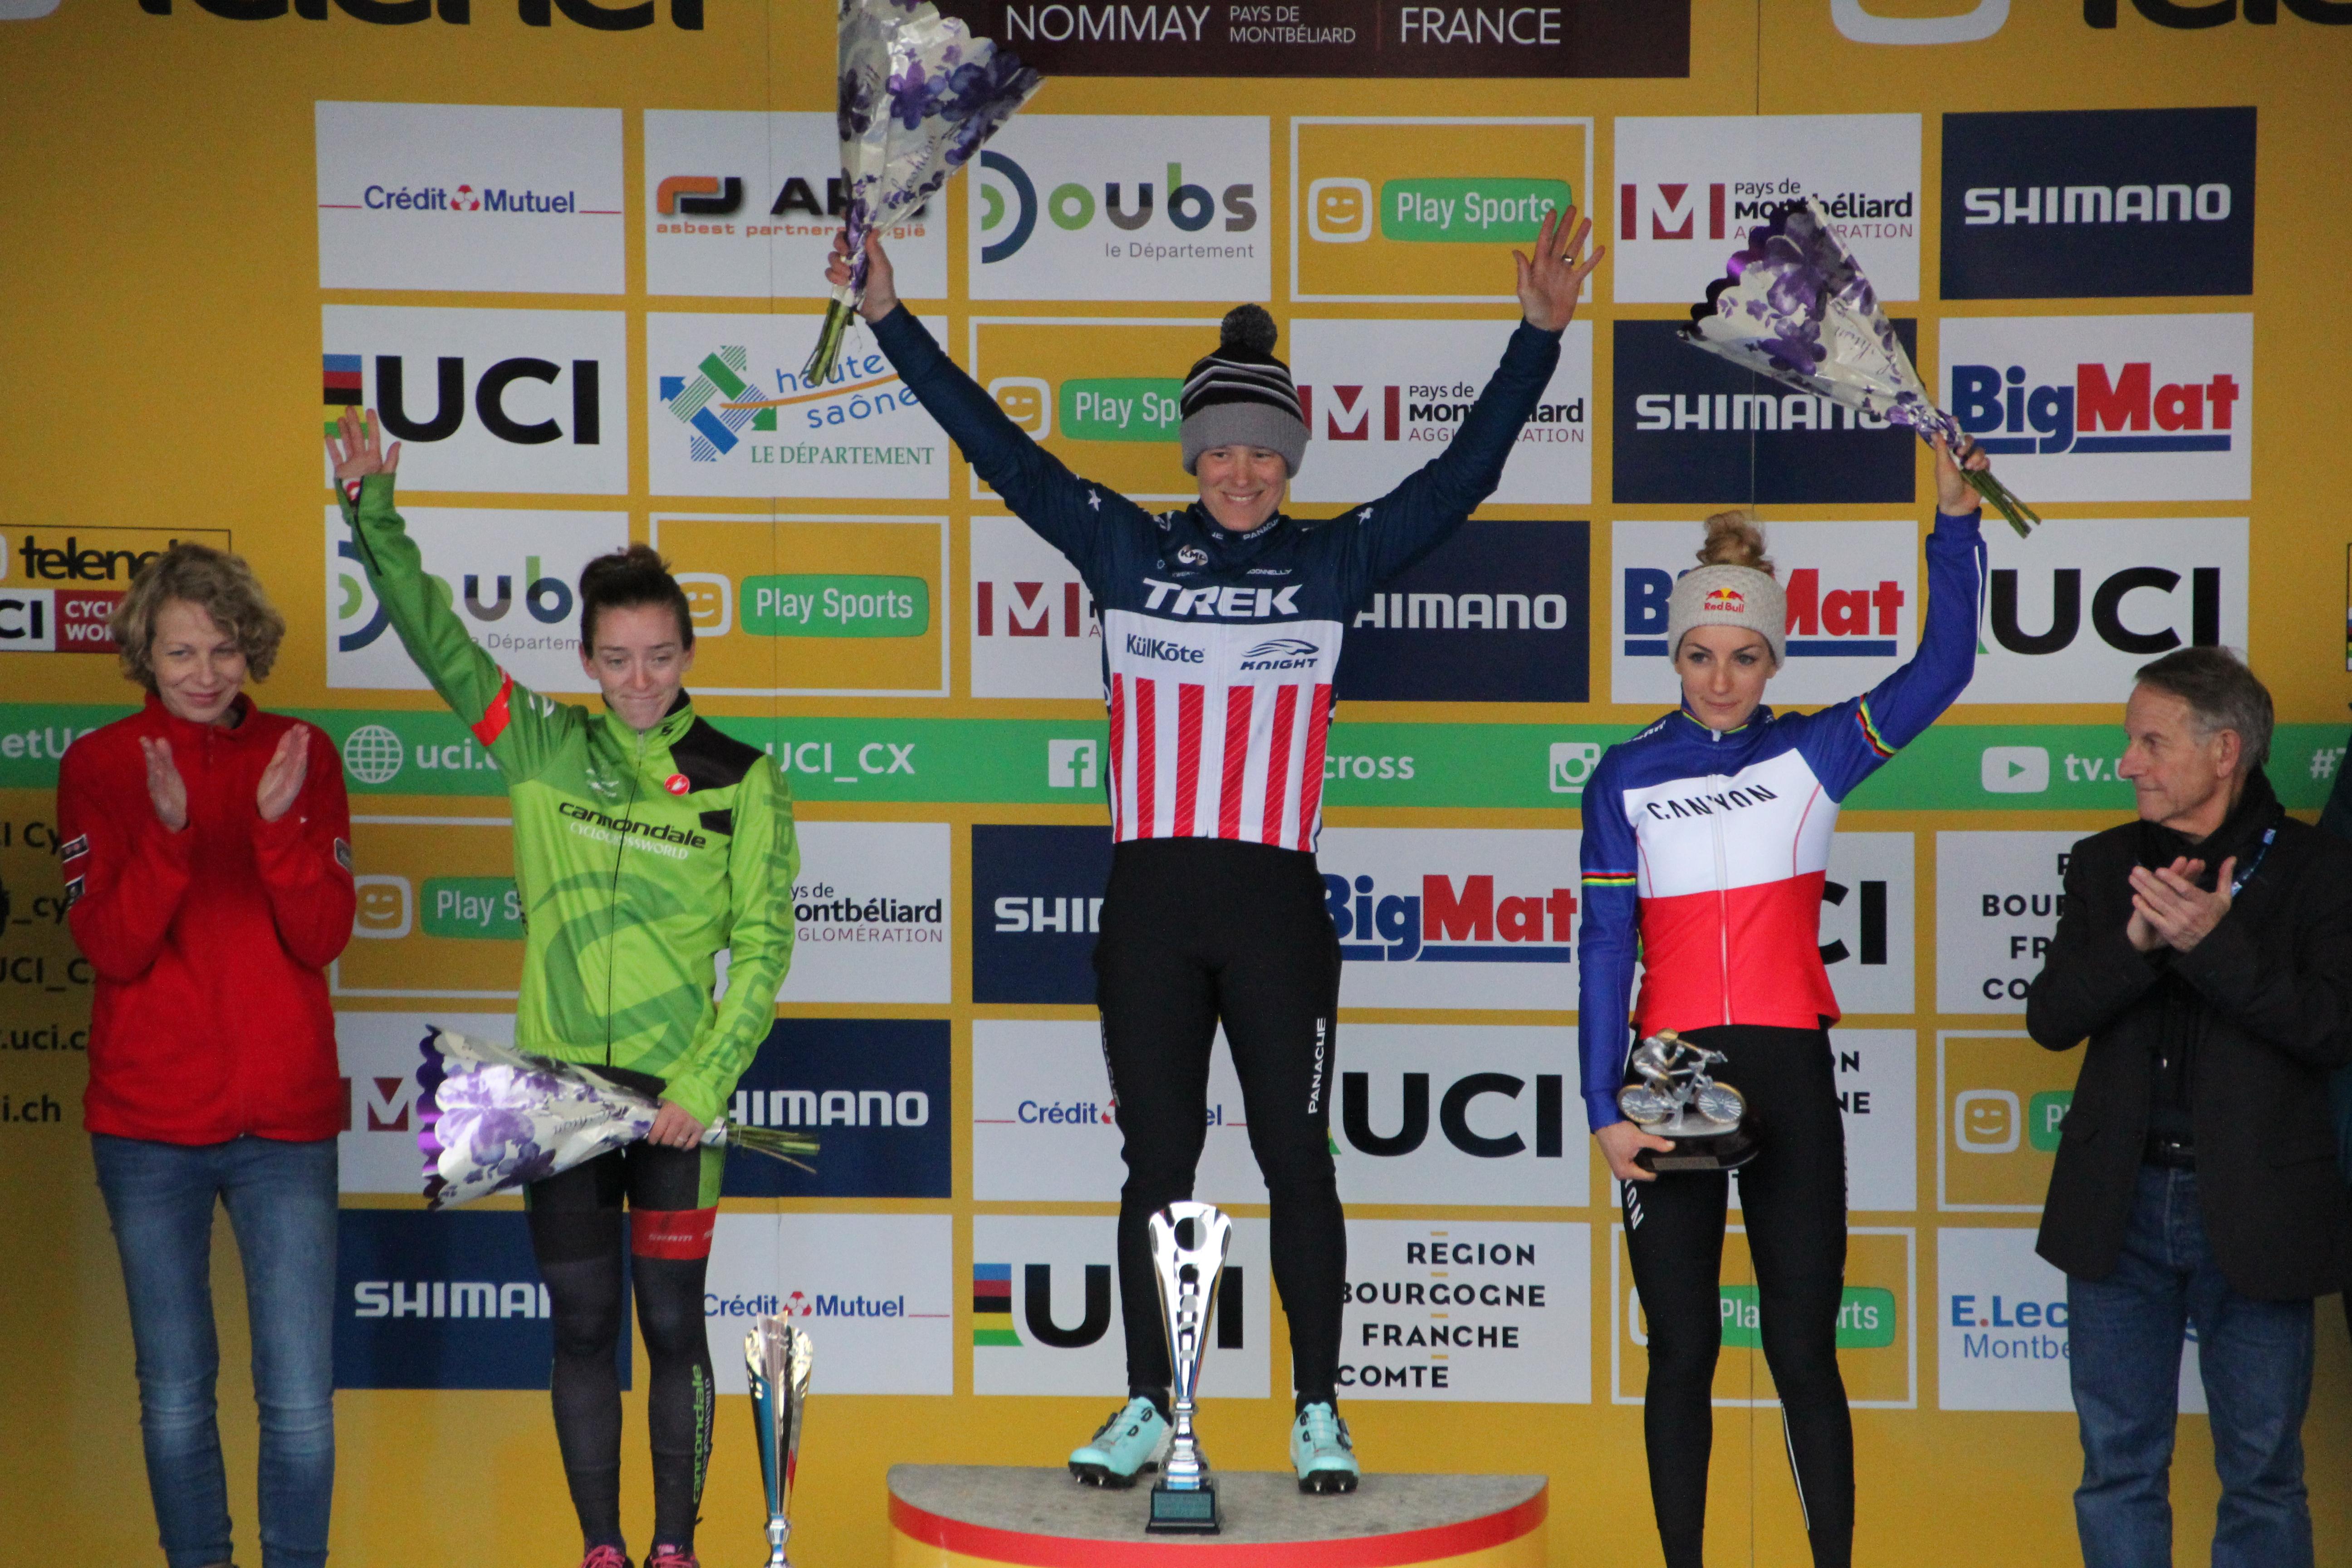 Pauline retrouve le podium en coupe du monde CX